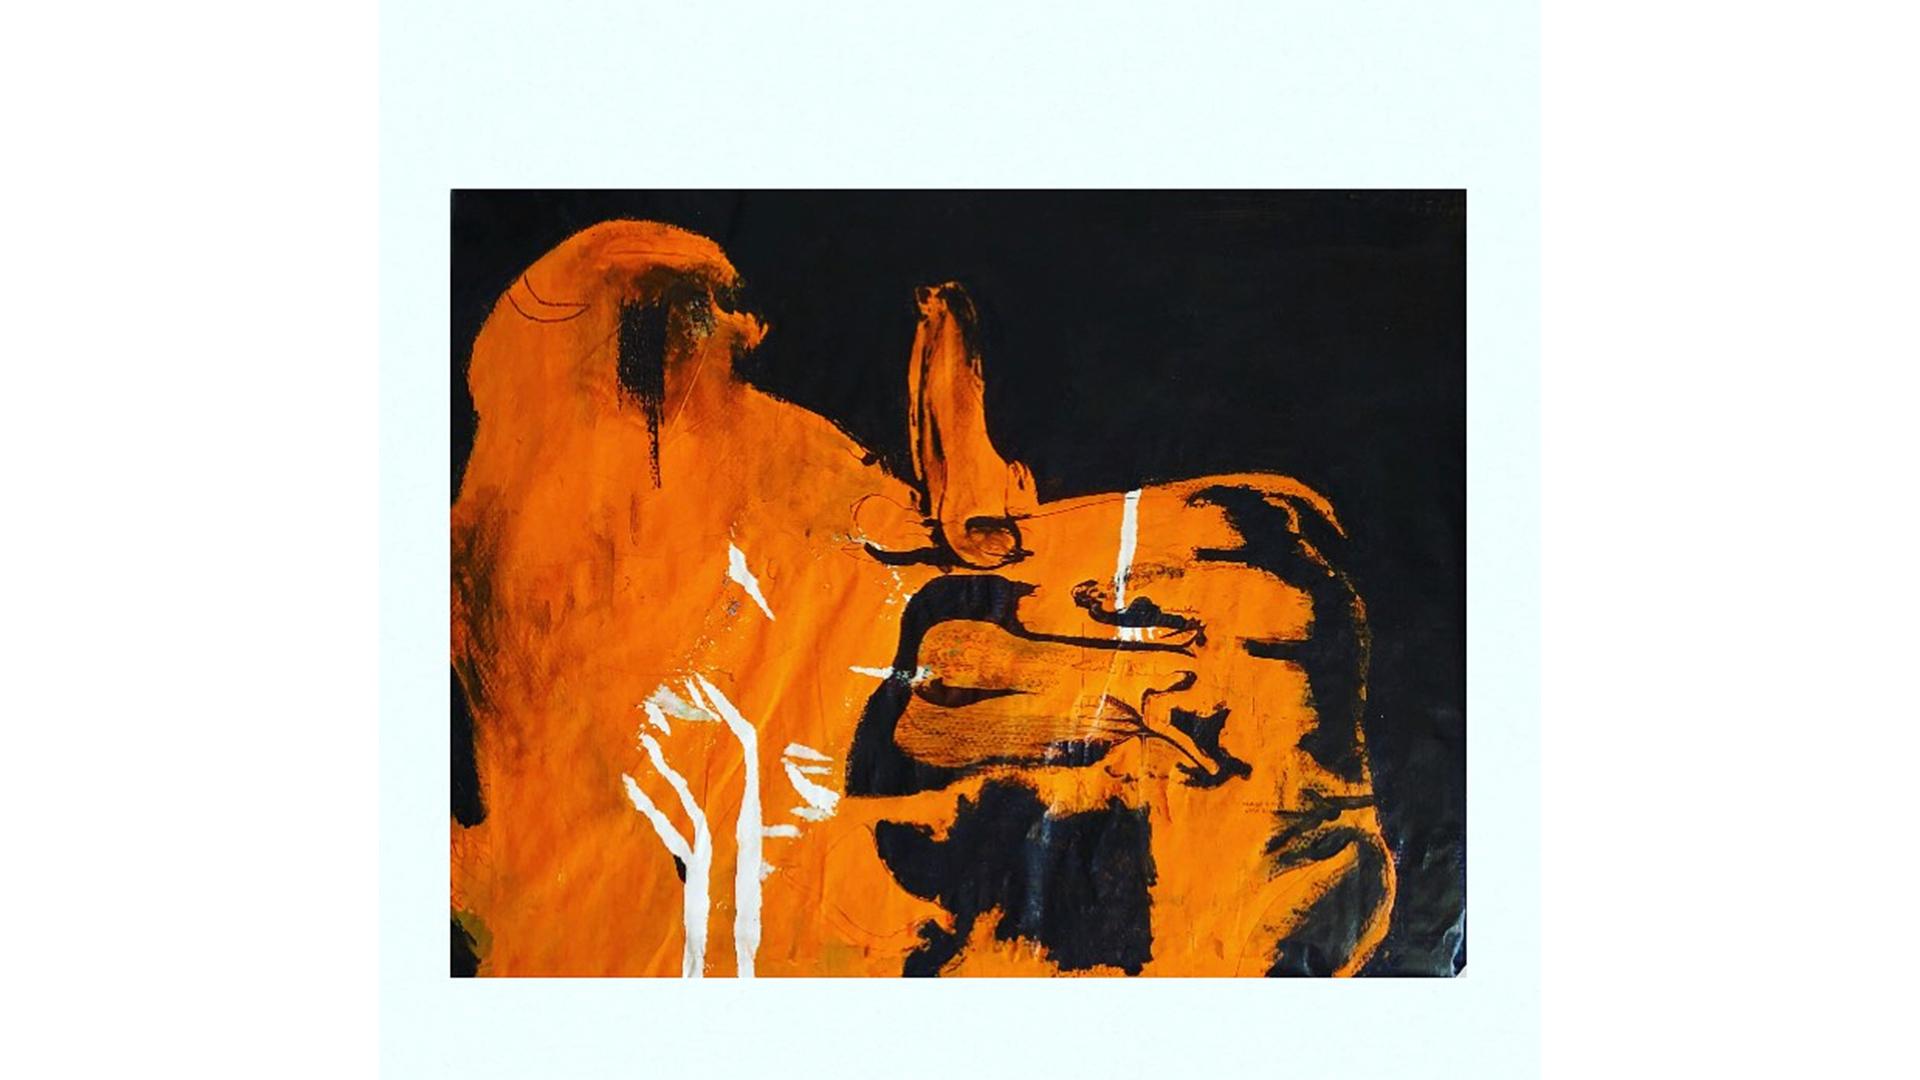 Maxime Deria - expressive visual art